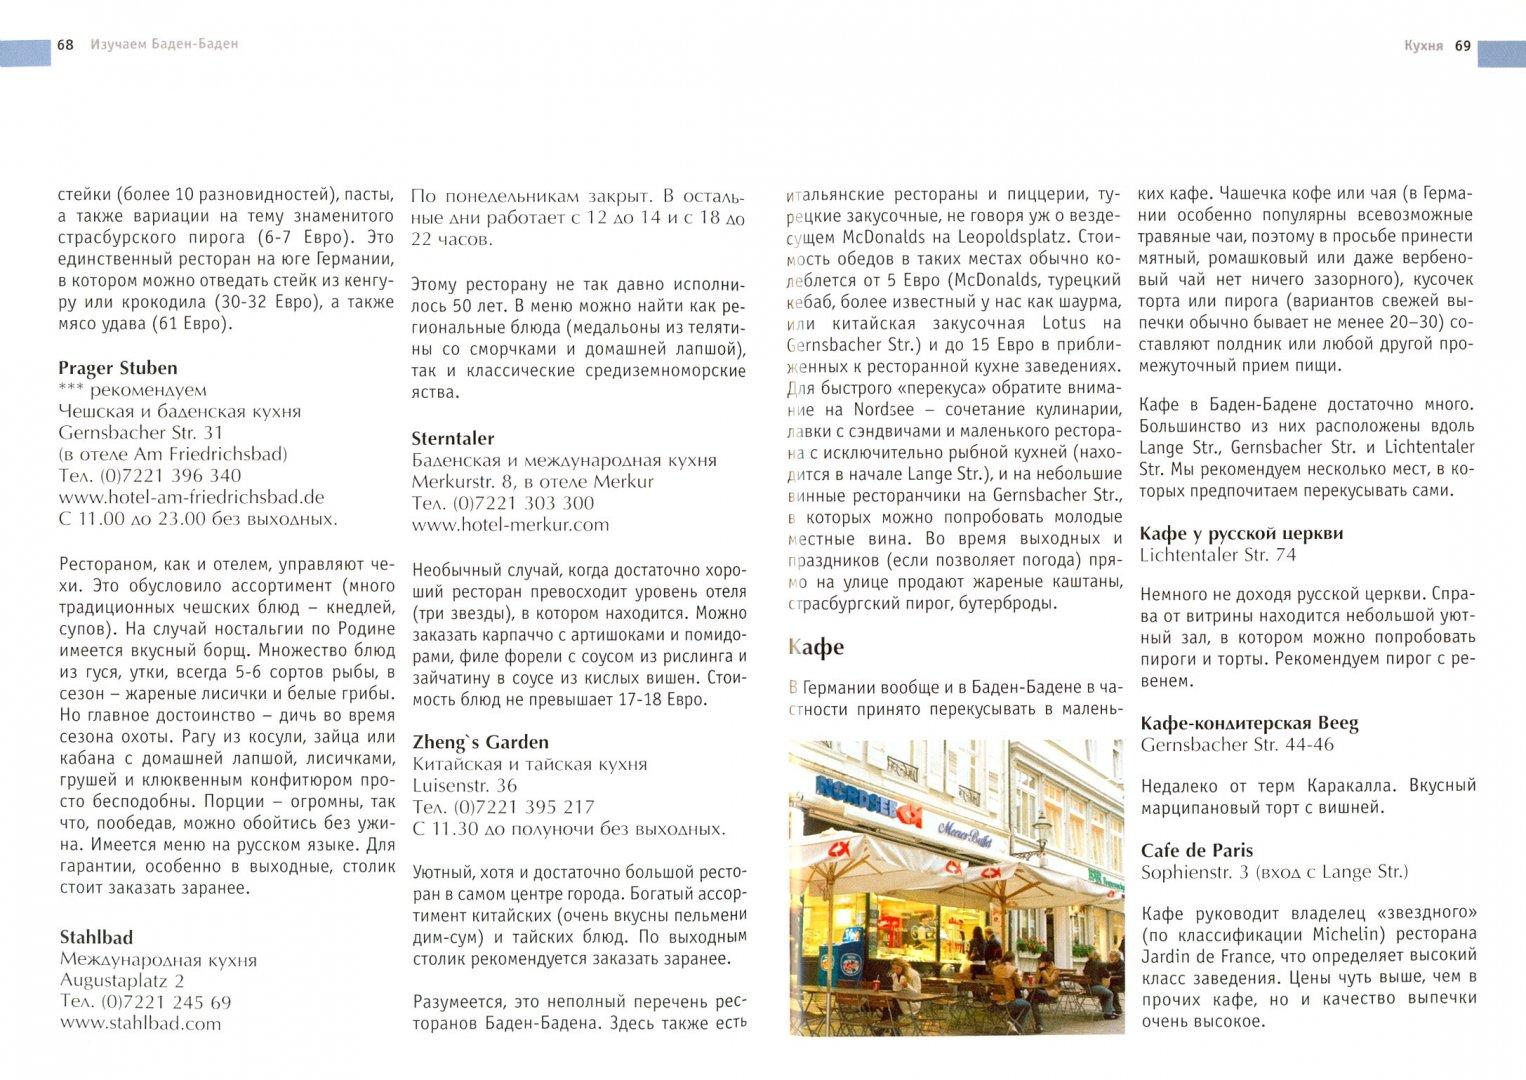 Иллюстрация 1 из 14 для Баден-Баден. Все, что необходимо для отдыха. Путеводитель - Пугачева, Серебряков | Лабиринт - книги. Источник: Лабиринт